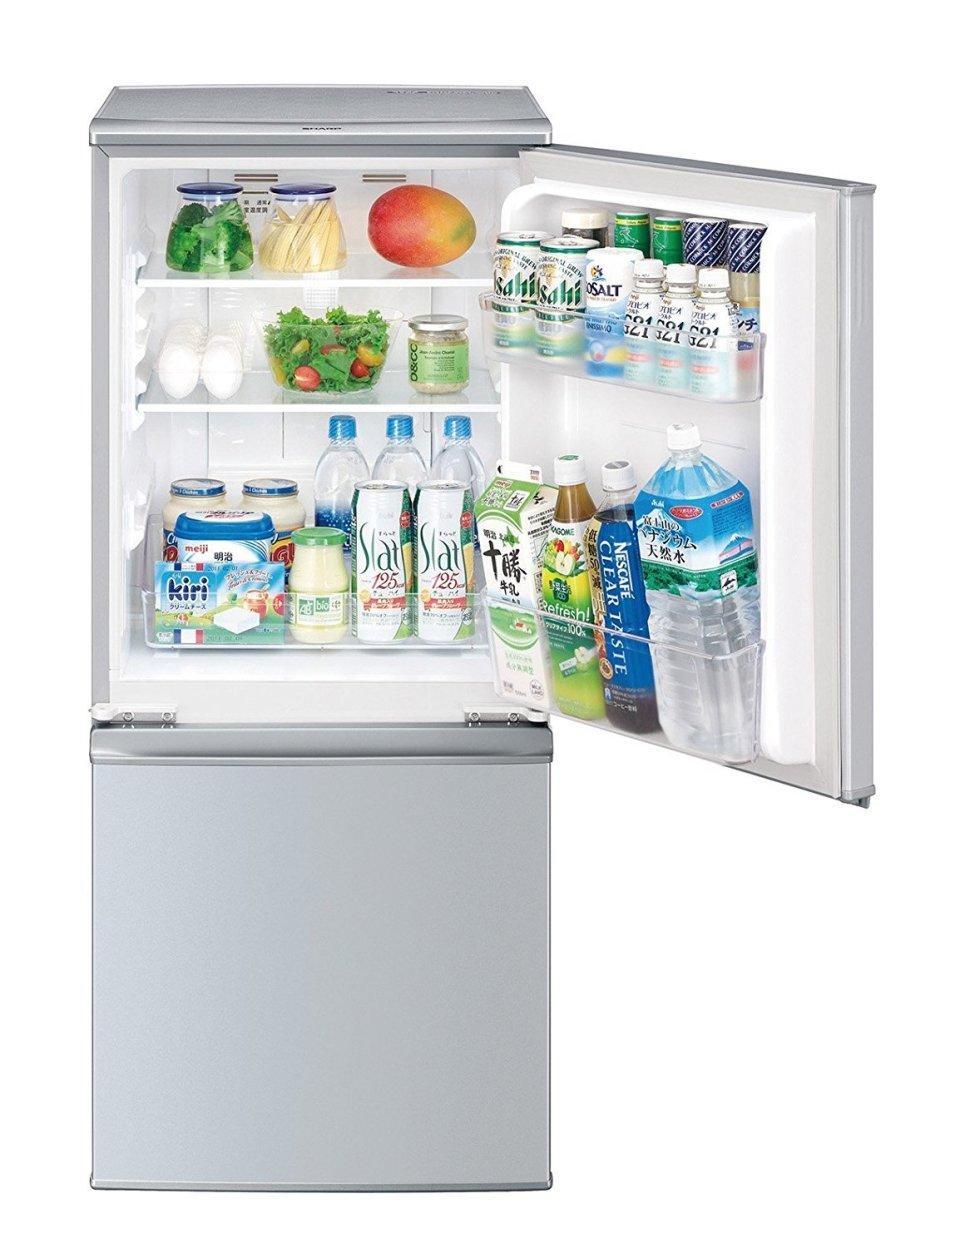 一人暮らしの部屋に適した冷蔵庫とは? サイズ・用途別おすすめの冷蔵庫7選 5番目の画像